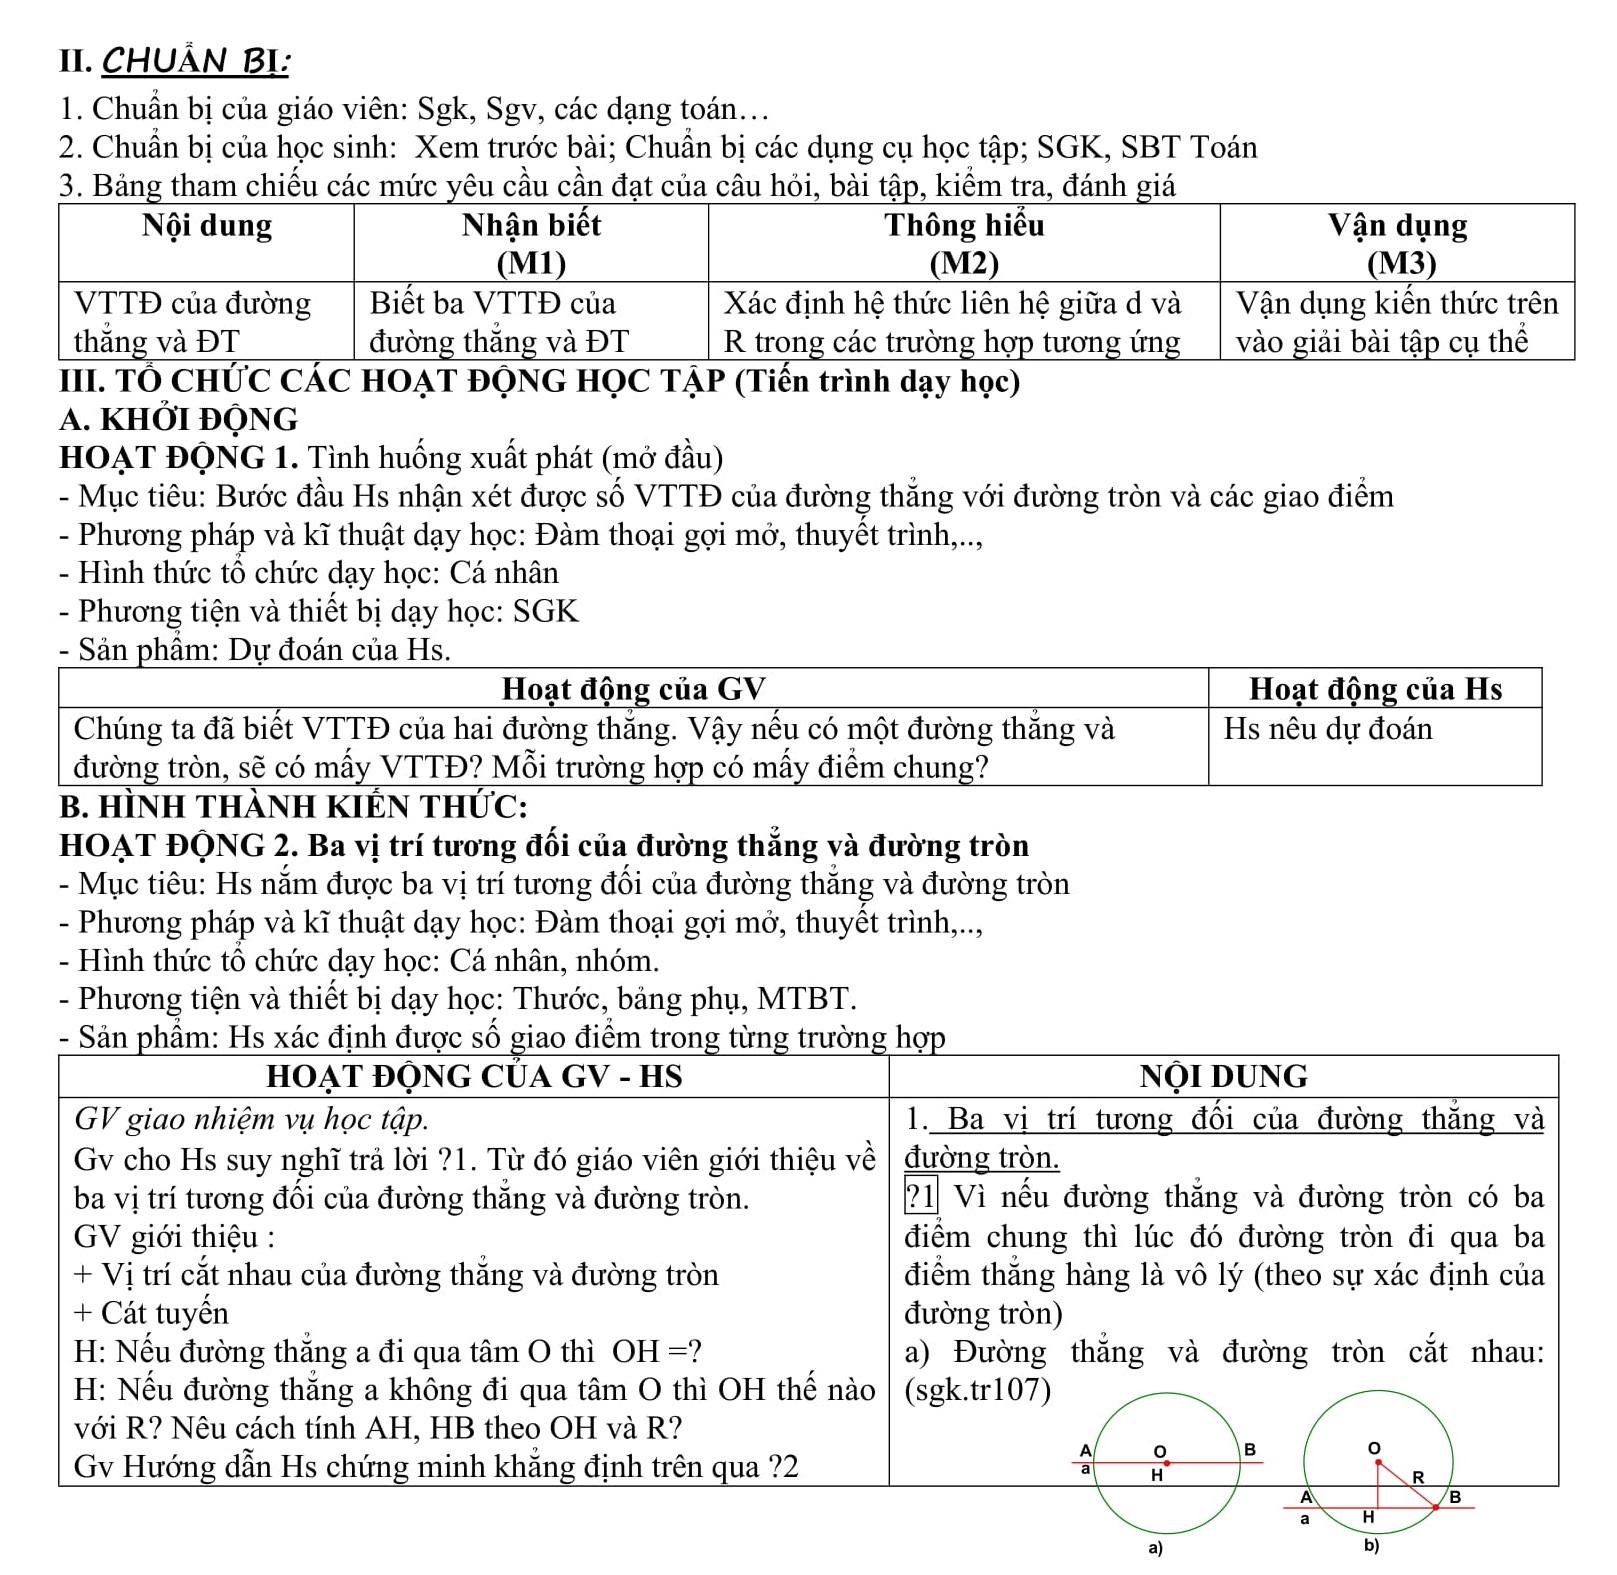 Giáo án Toán 9 Hình học - P2 Vị trí tương đối đường tròn và đường thẳng